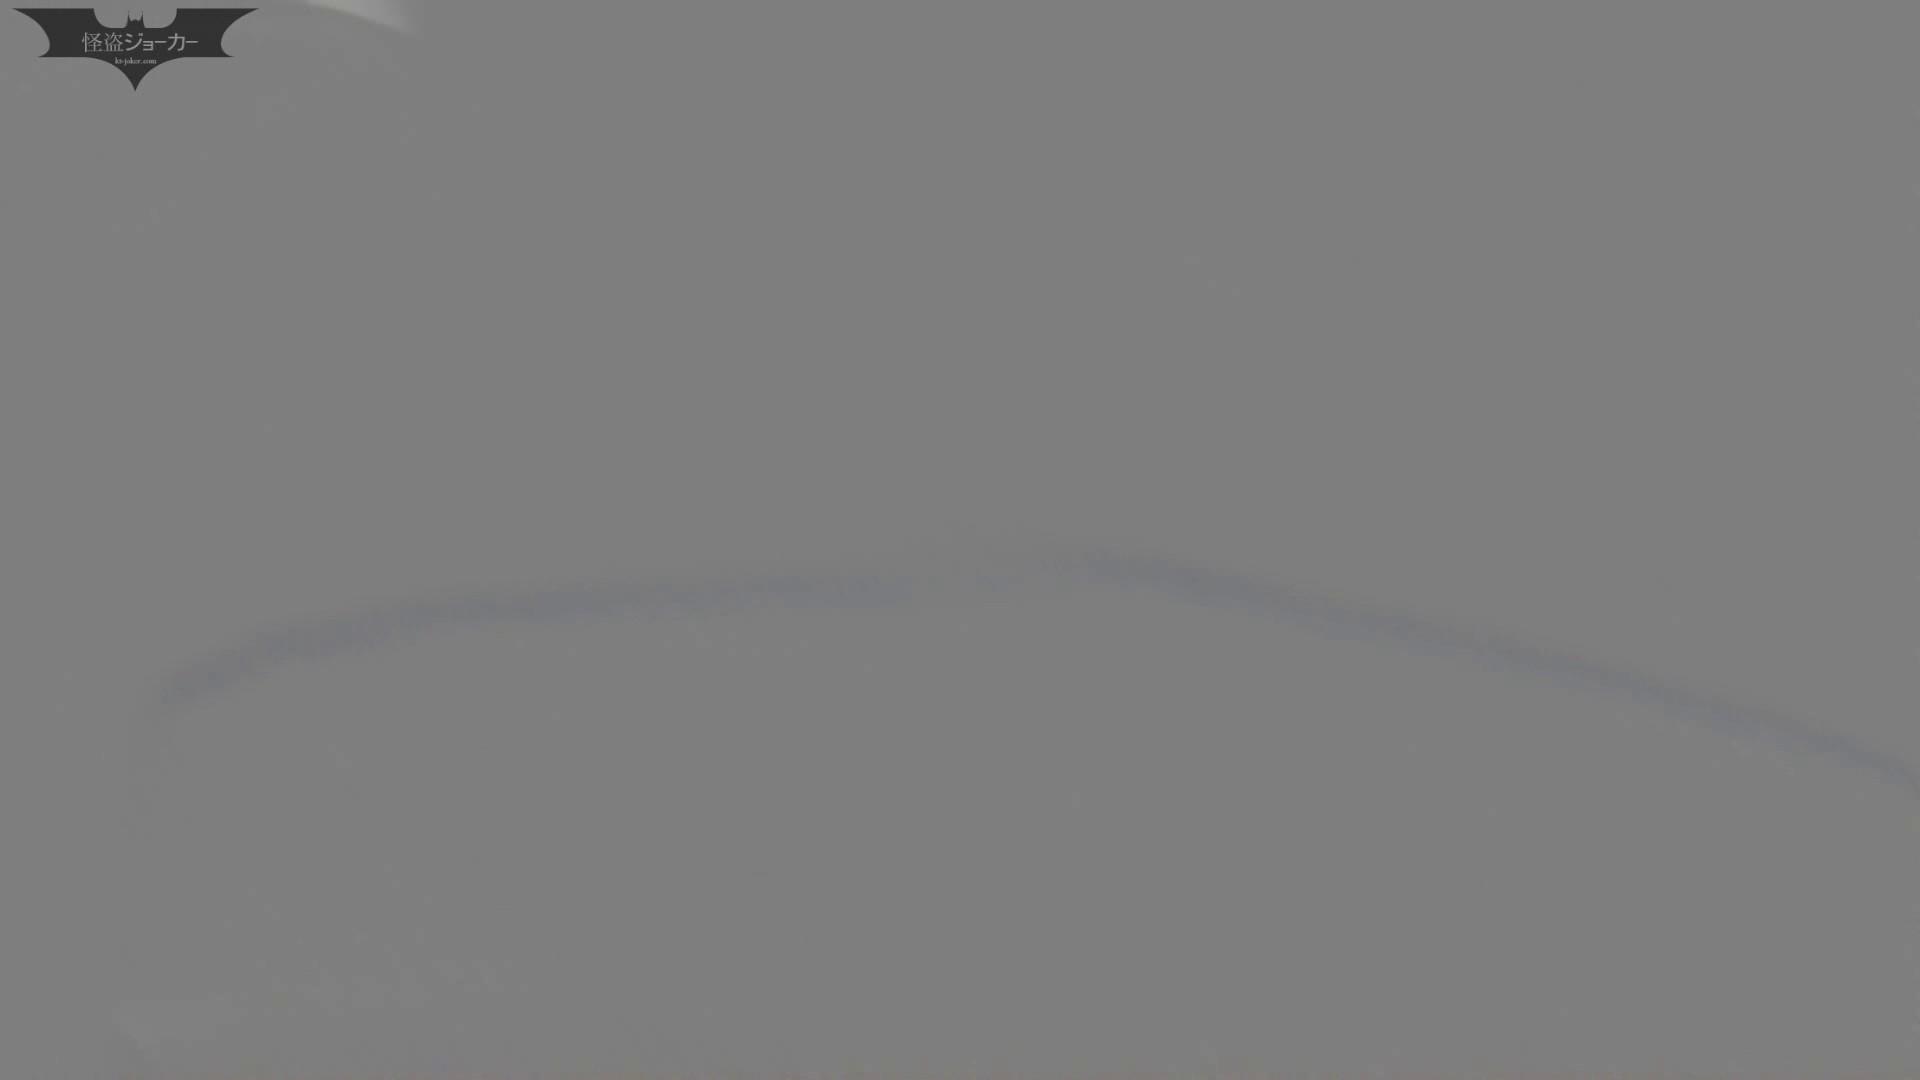 「洗面所突入レポート!!」vol.56まず並ぶ所から!決して真似しないでください 高画質 ワレメ無修正動画無料 103枚 40